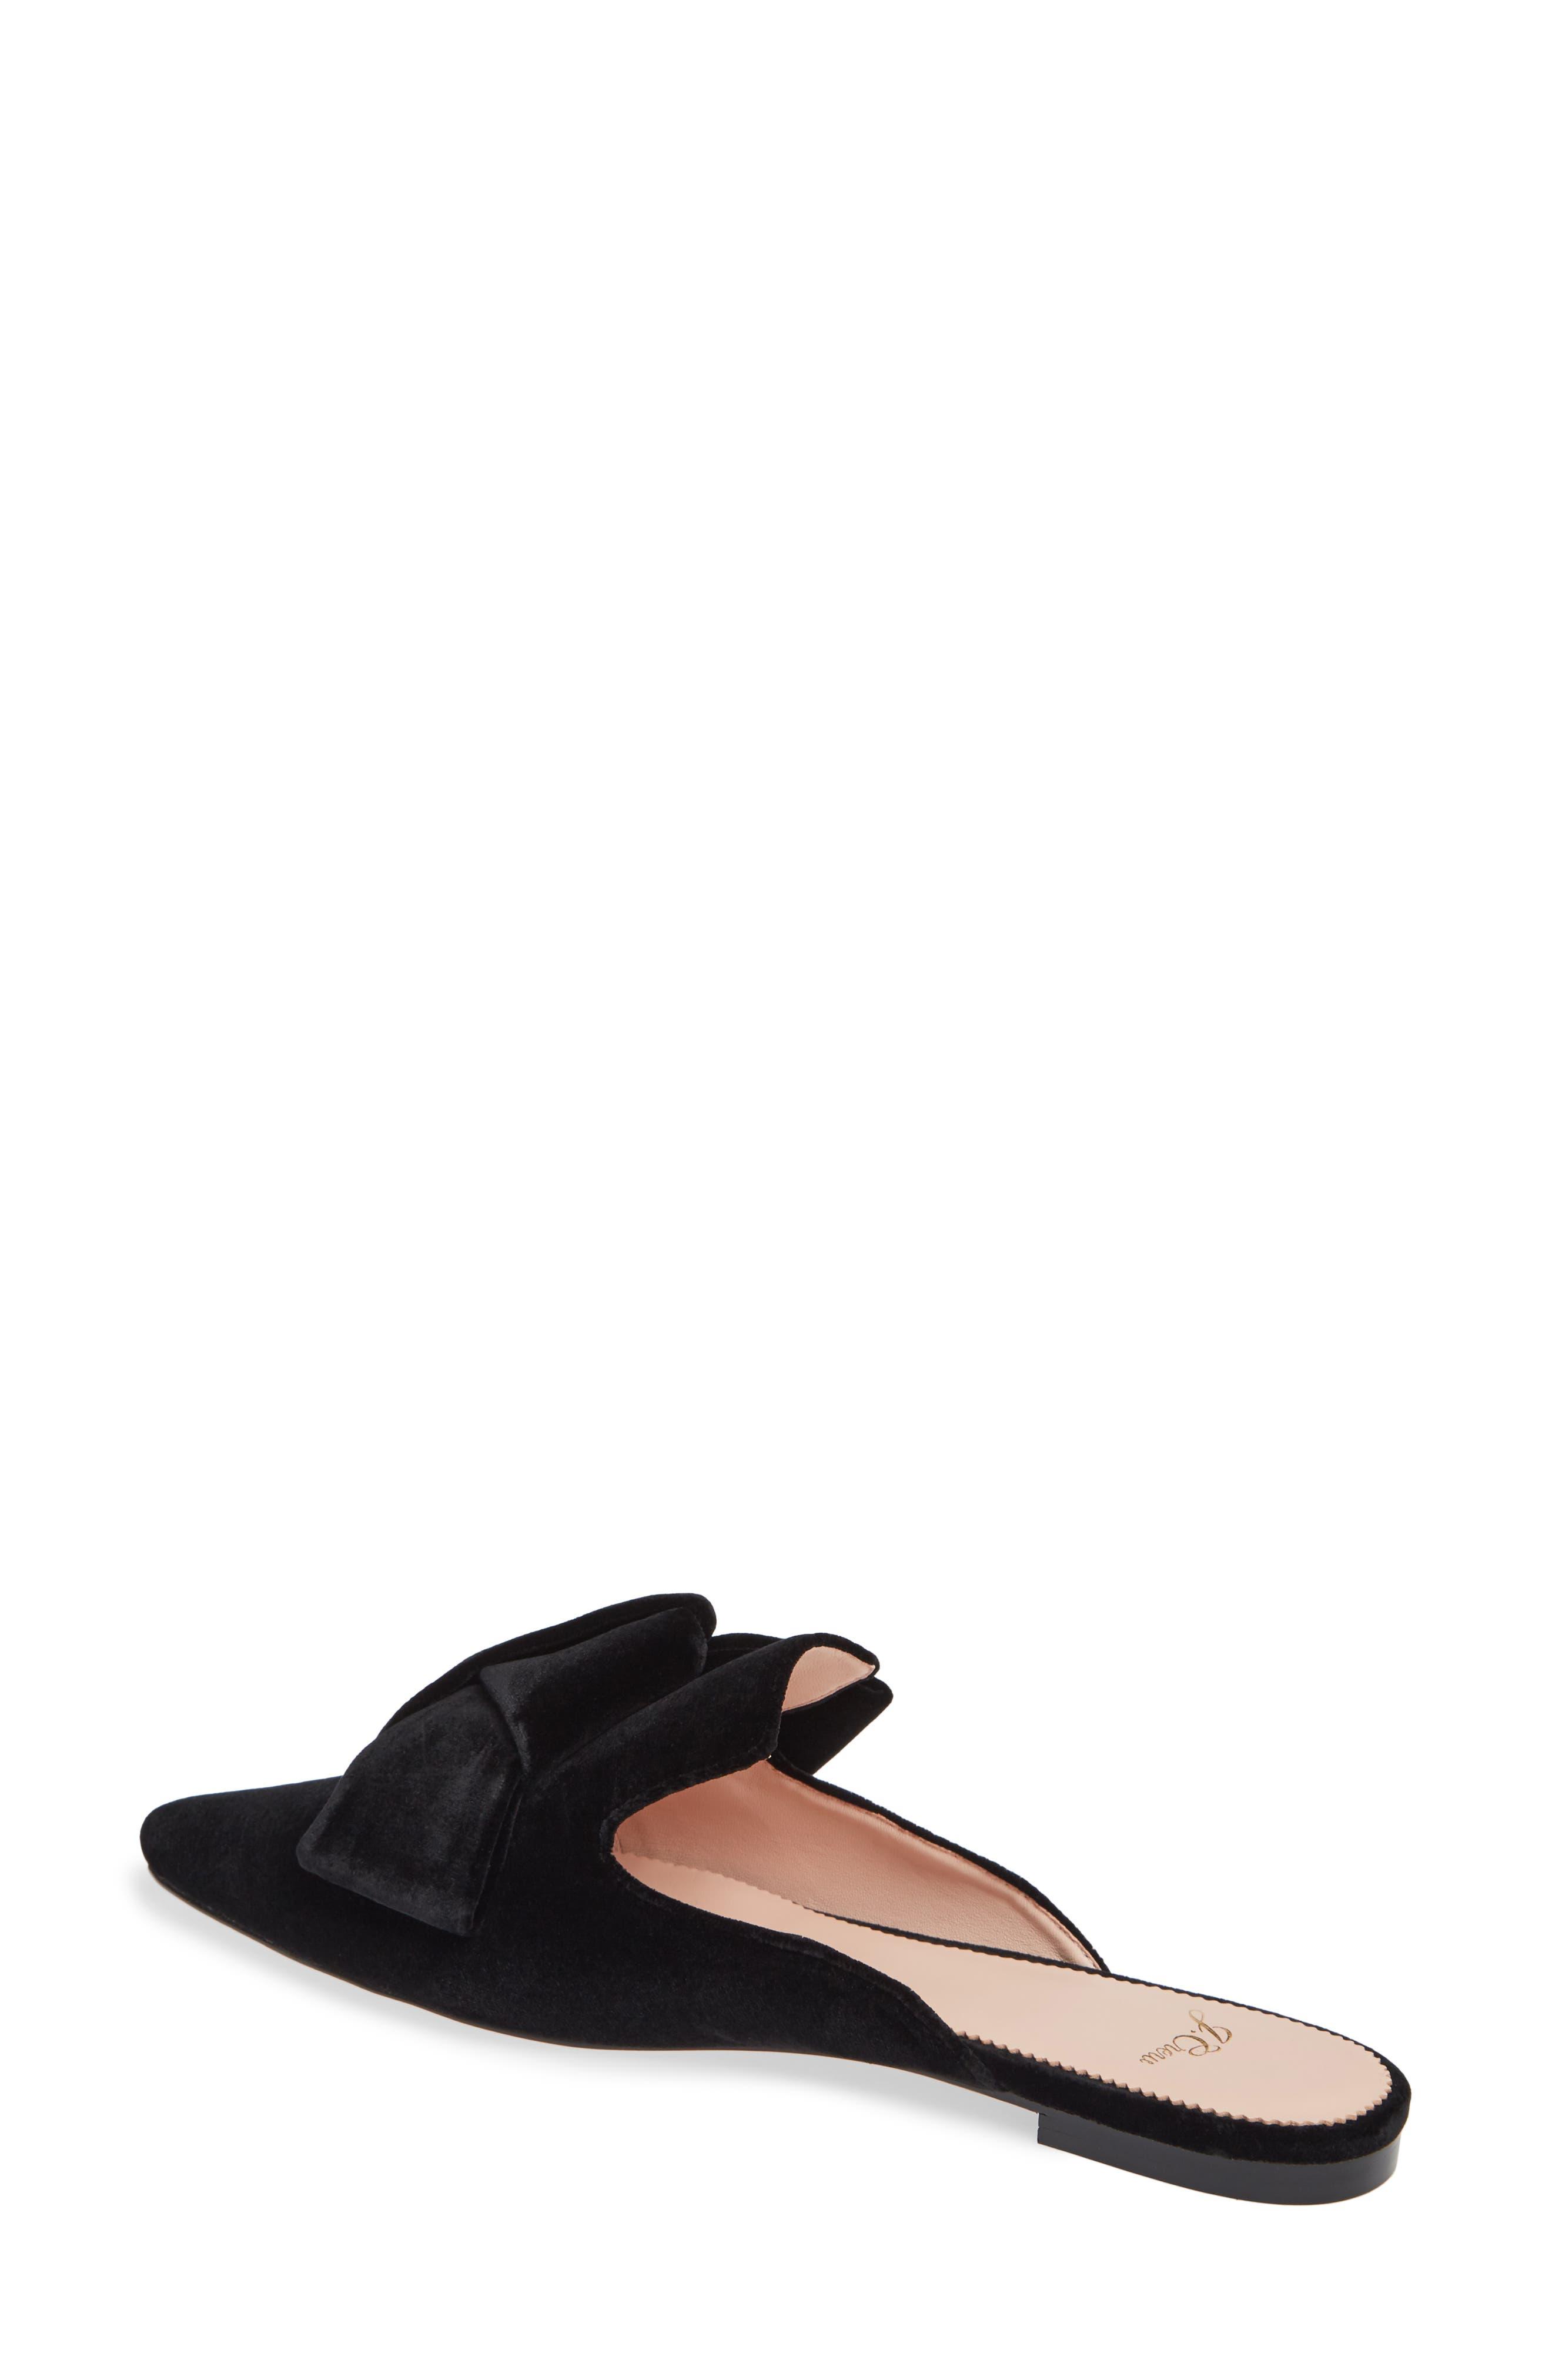 J.CREW, Pointed Toe Slide Sandal, Alternate thumbnail 2, color, BLACK VELVET